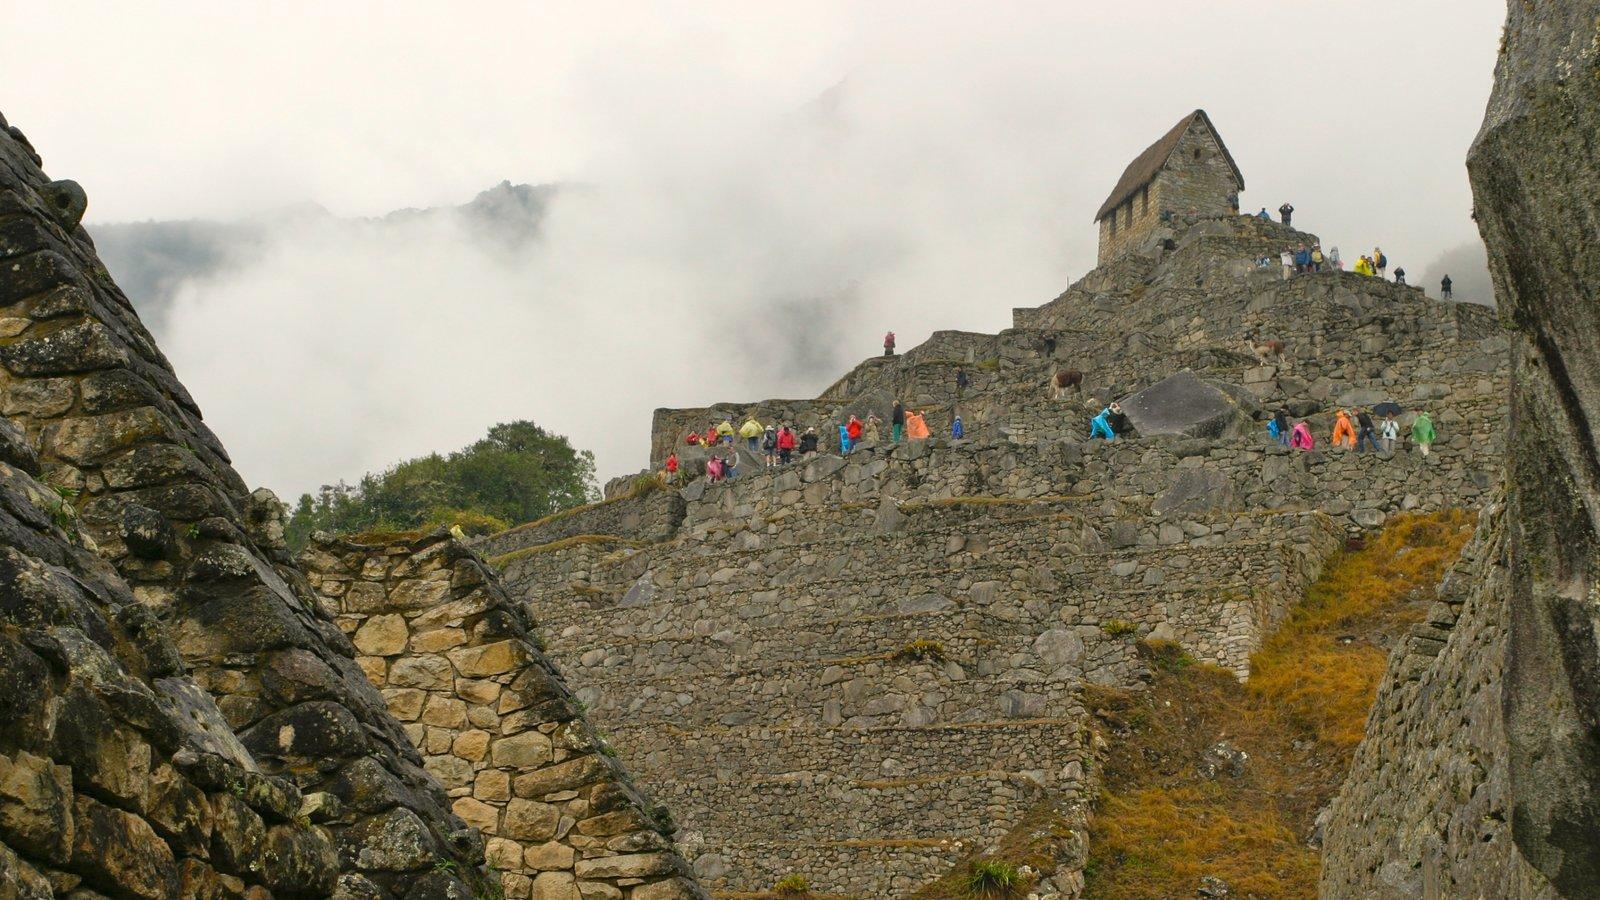 Machu Picchu mostrando escalada ou caminhada, neblina e uma ruína